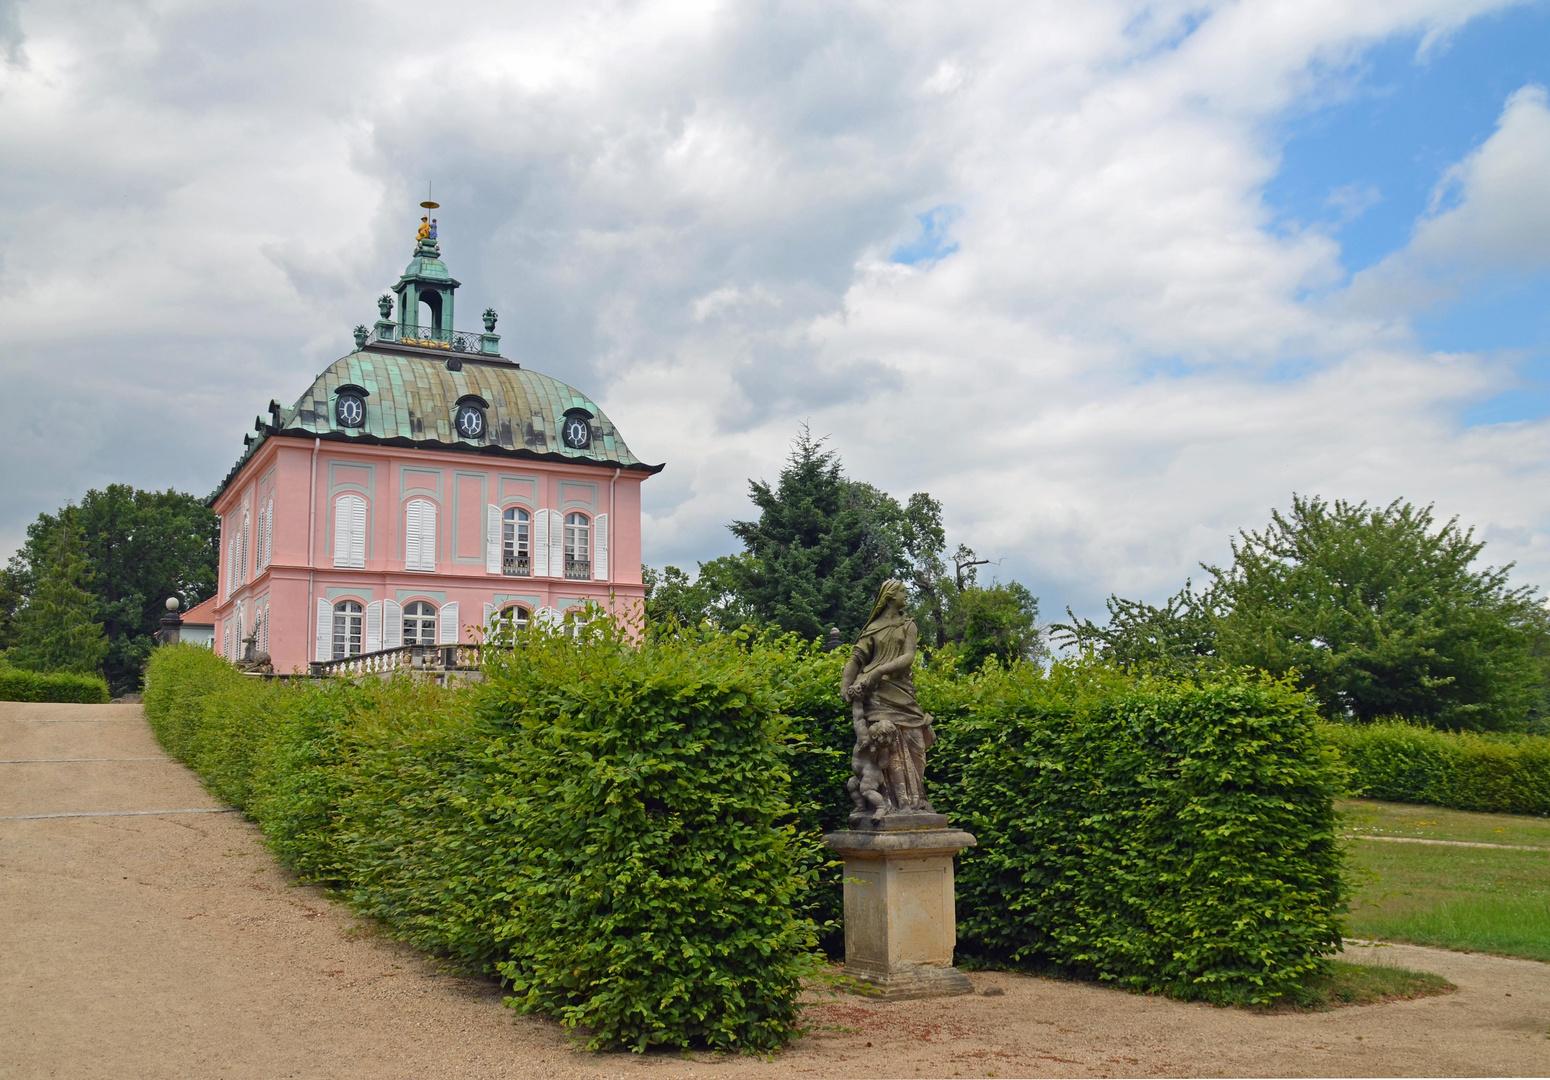 Fasanenschlösschen Moritzburg